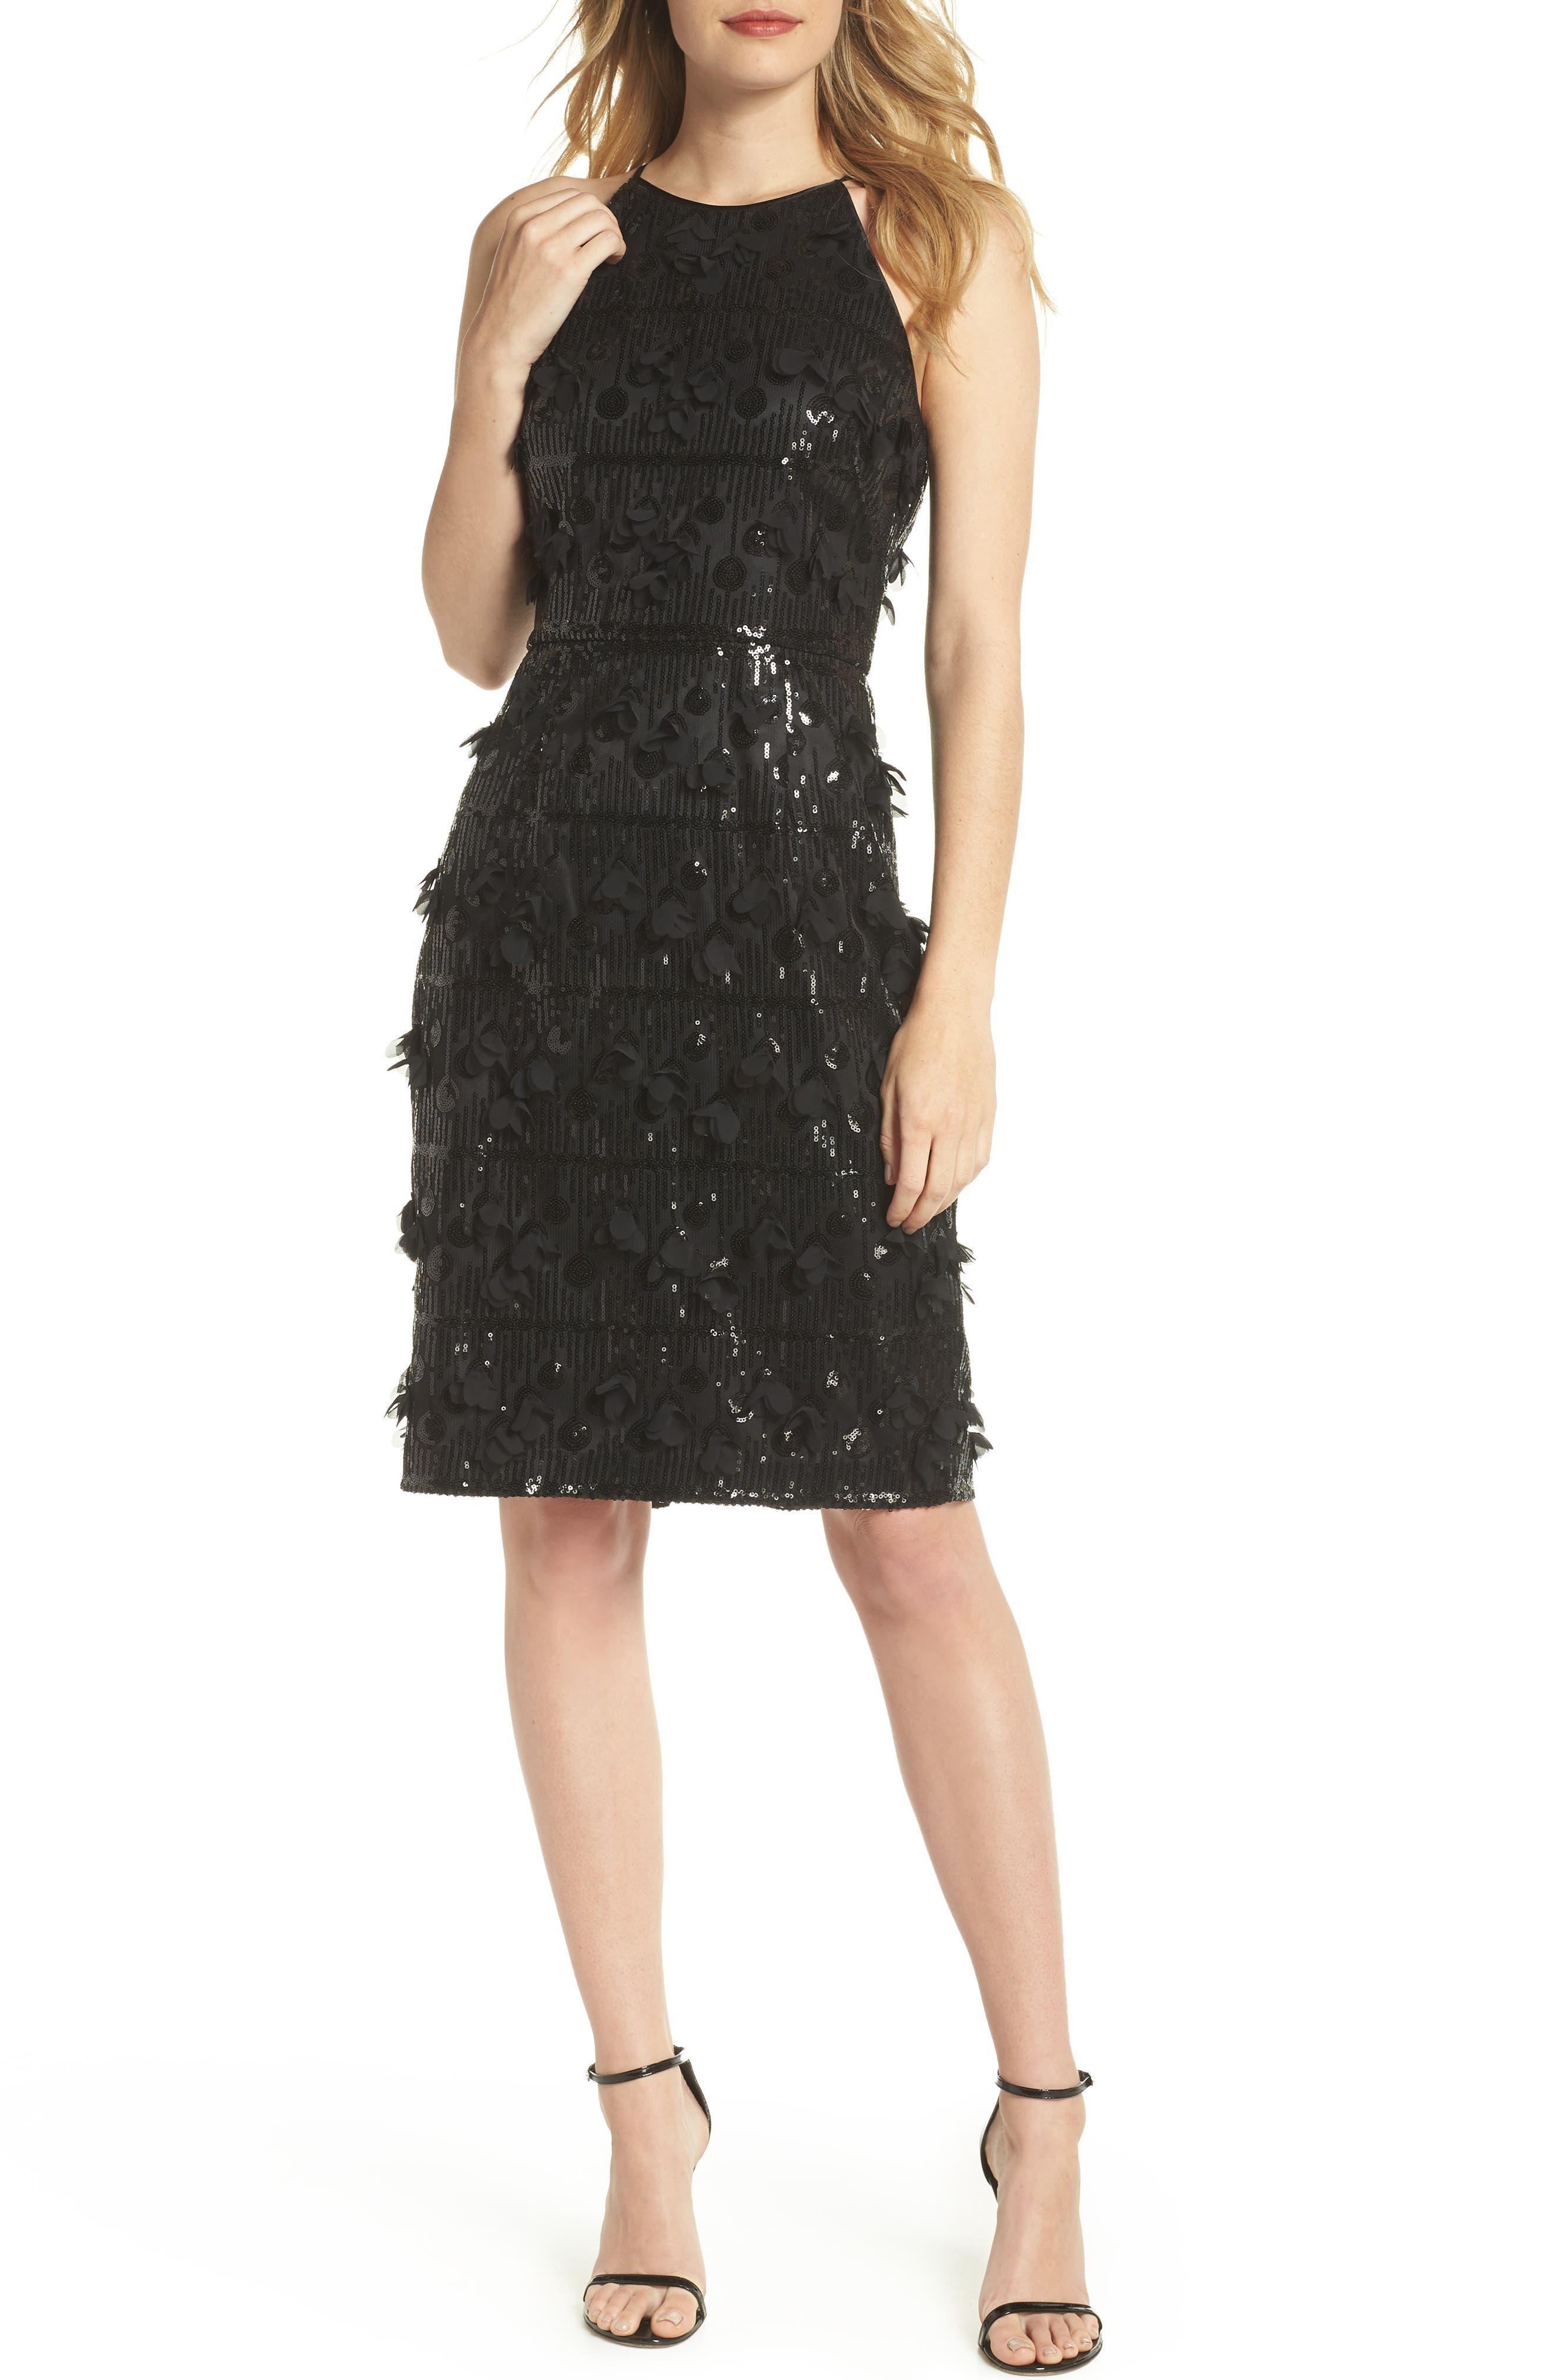 3D Floral & Sequin Cocktail Dress,                             Main thumbnail 1, color,                             Black